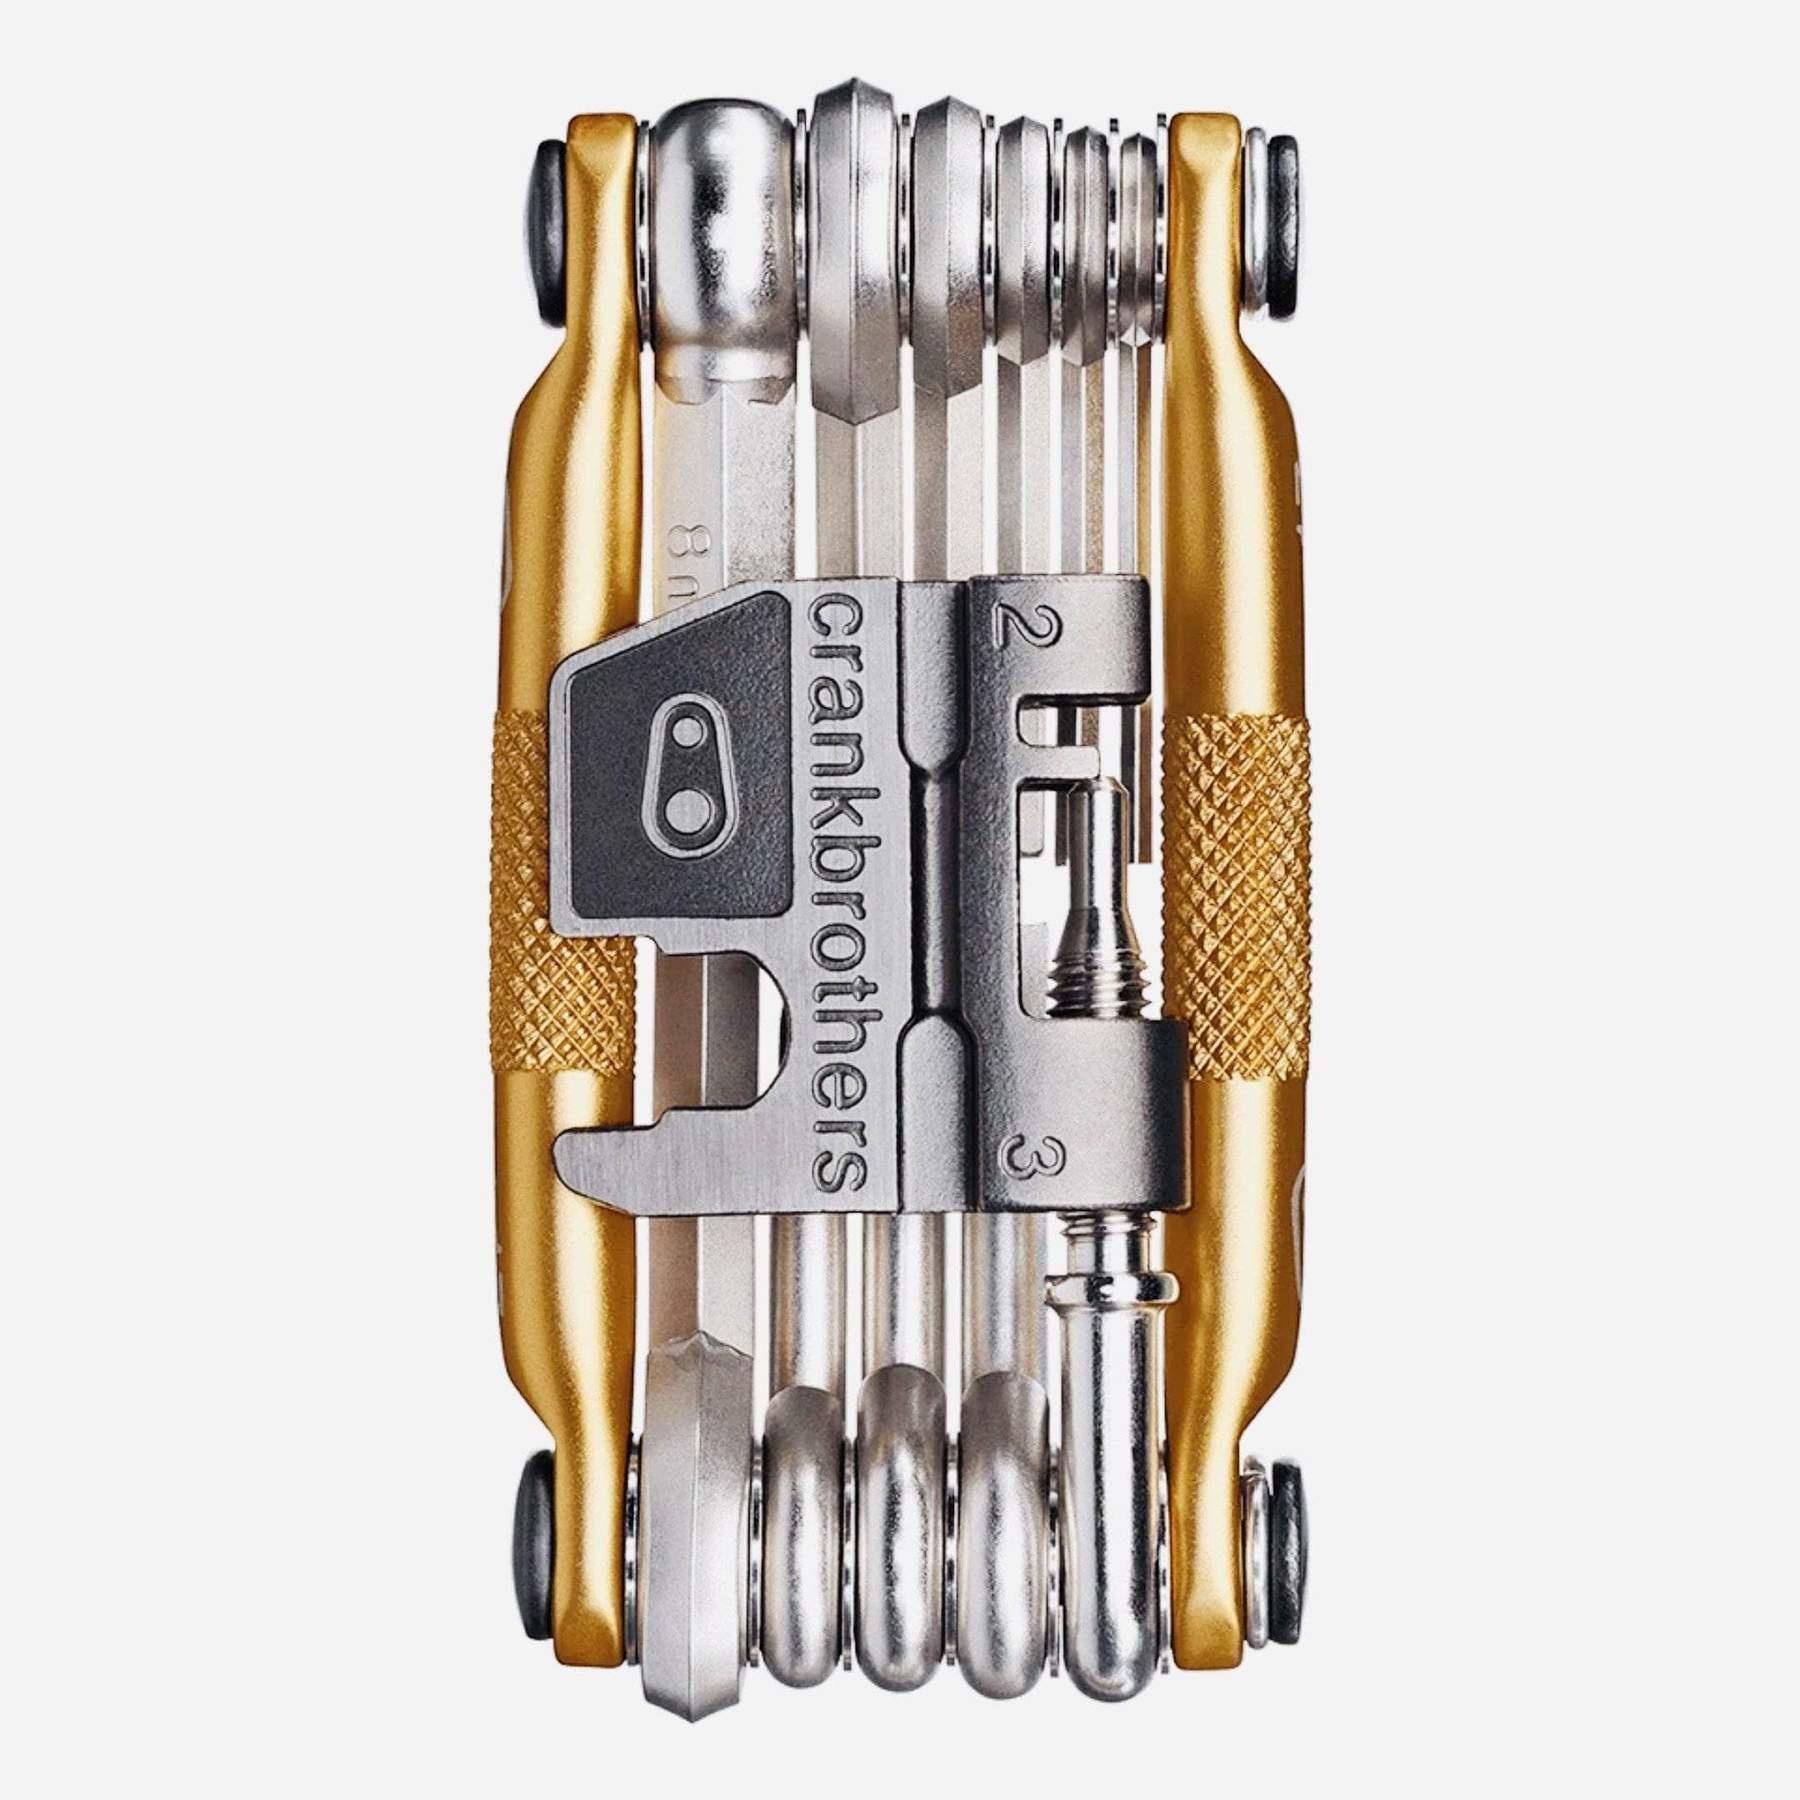 Topeak Mini 20 Pro Multi-Tool - Gold-1